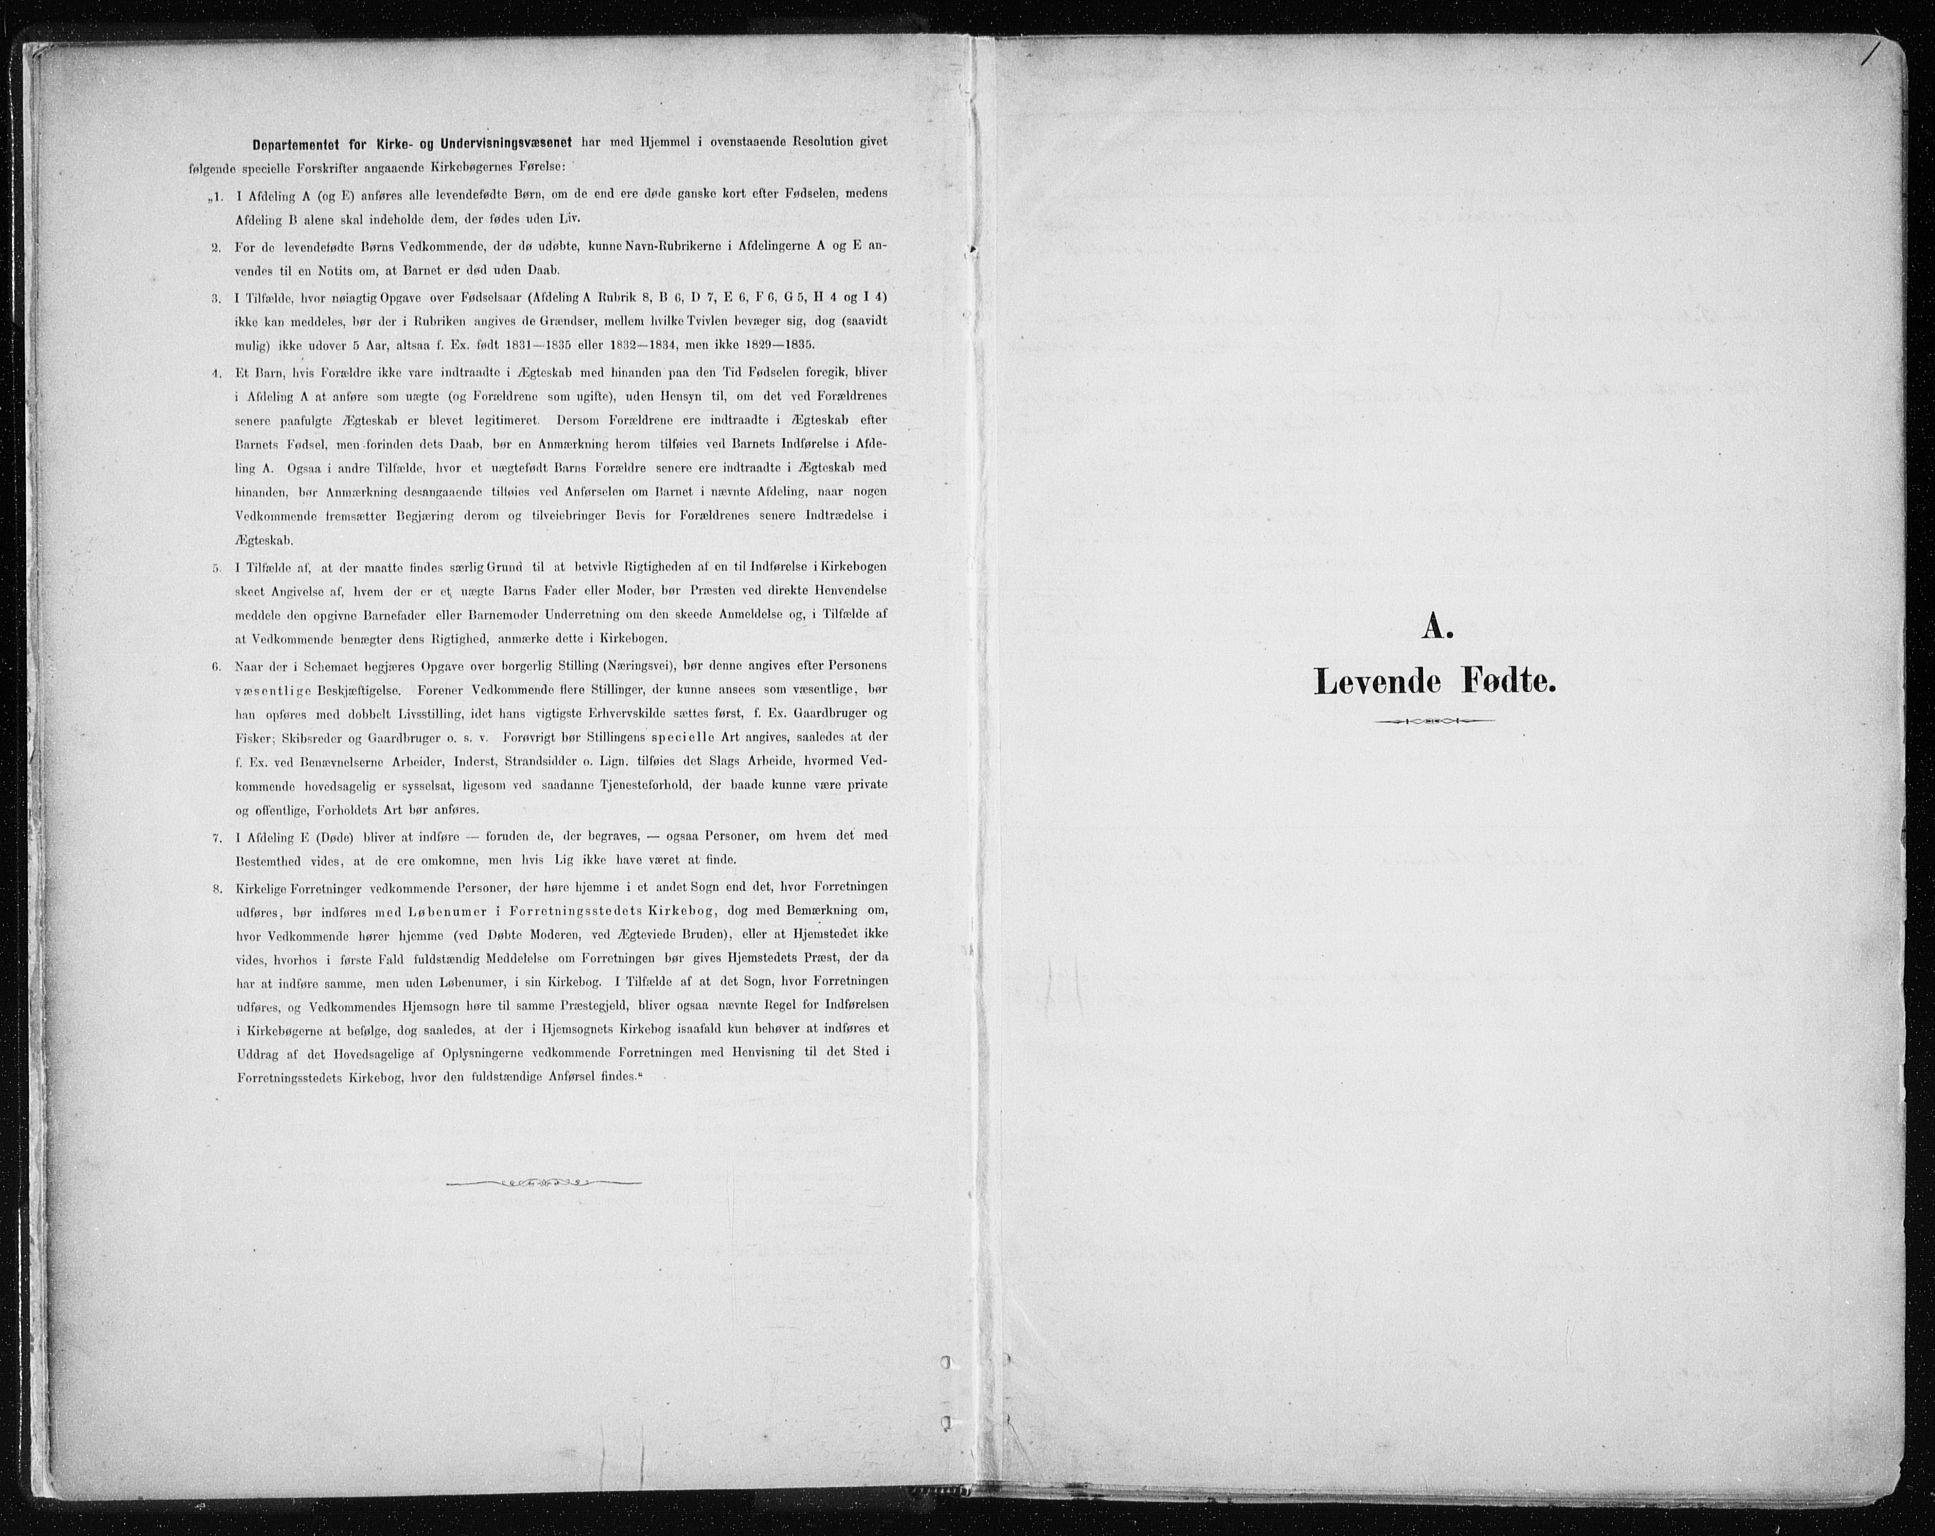 SATØ, Tromsøysund sokneprestkontor, G/Ga/L0004kirke: Ministerialbok nr. 4, 1880-1888, s. 1